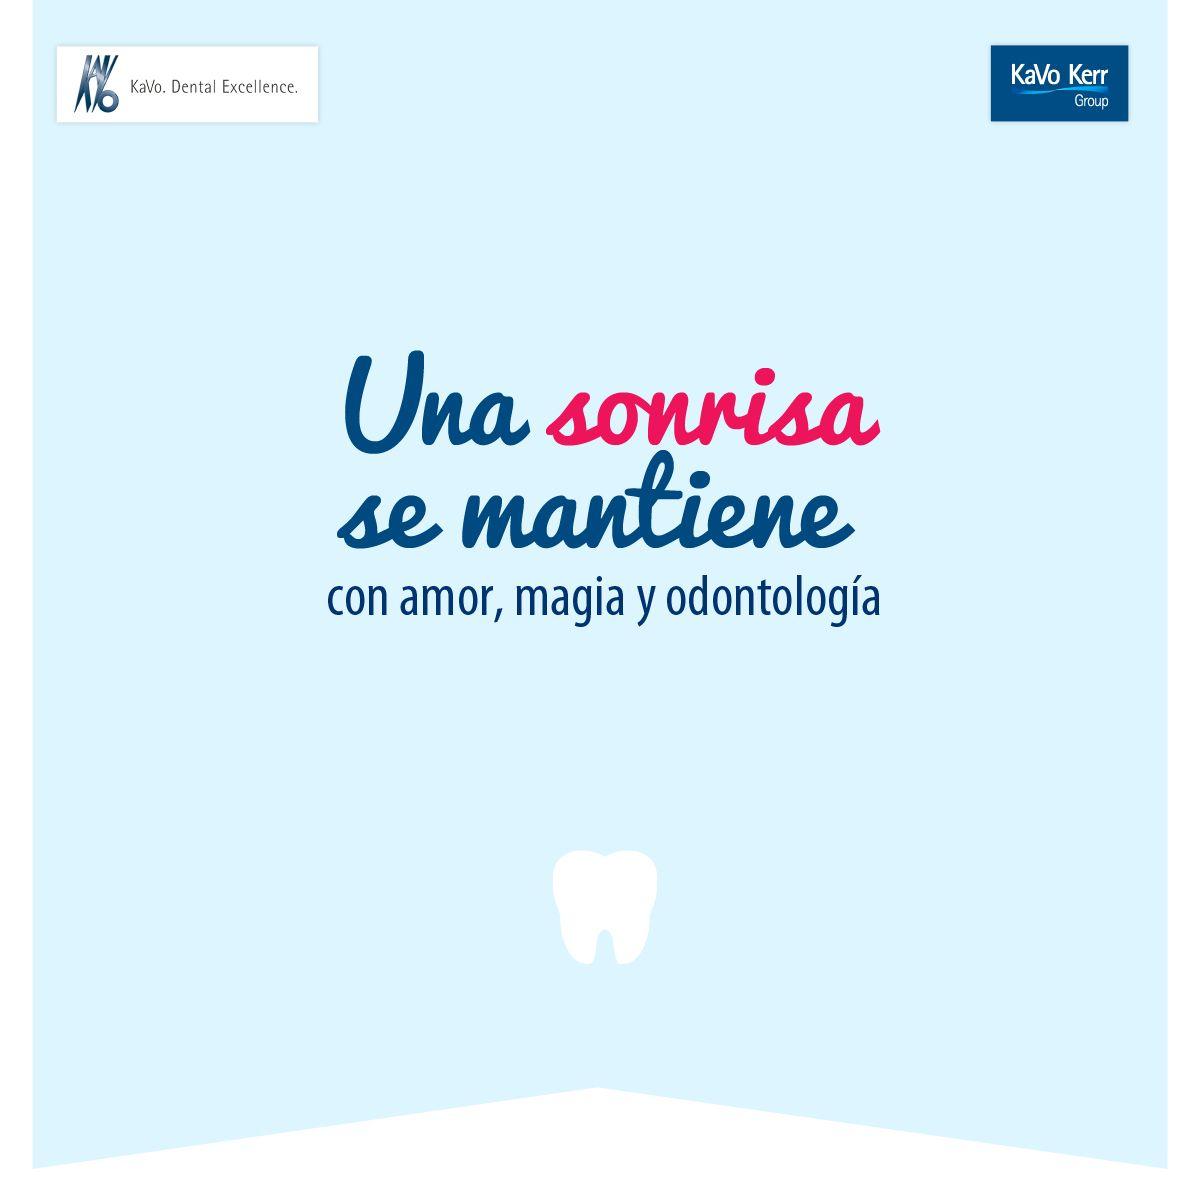 Pin De Ana Romero En Dent Cepillado Dental Salud Dental Y